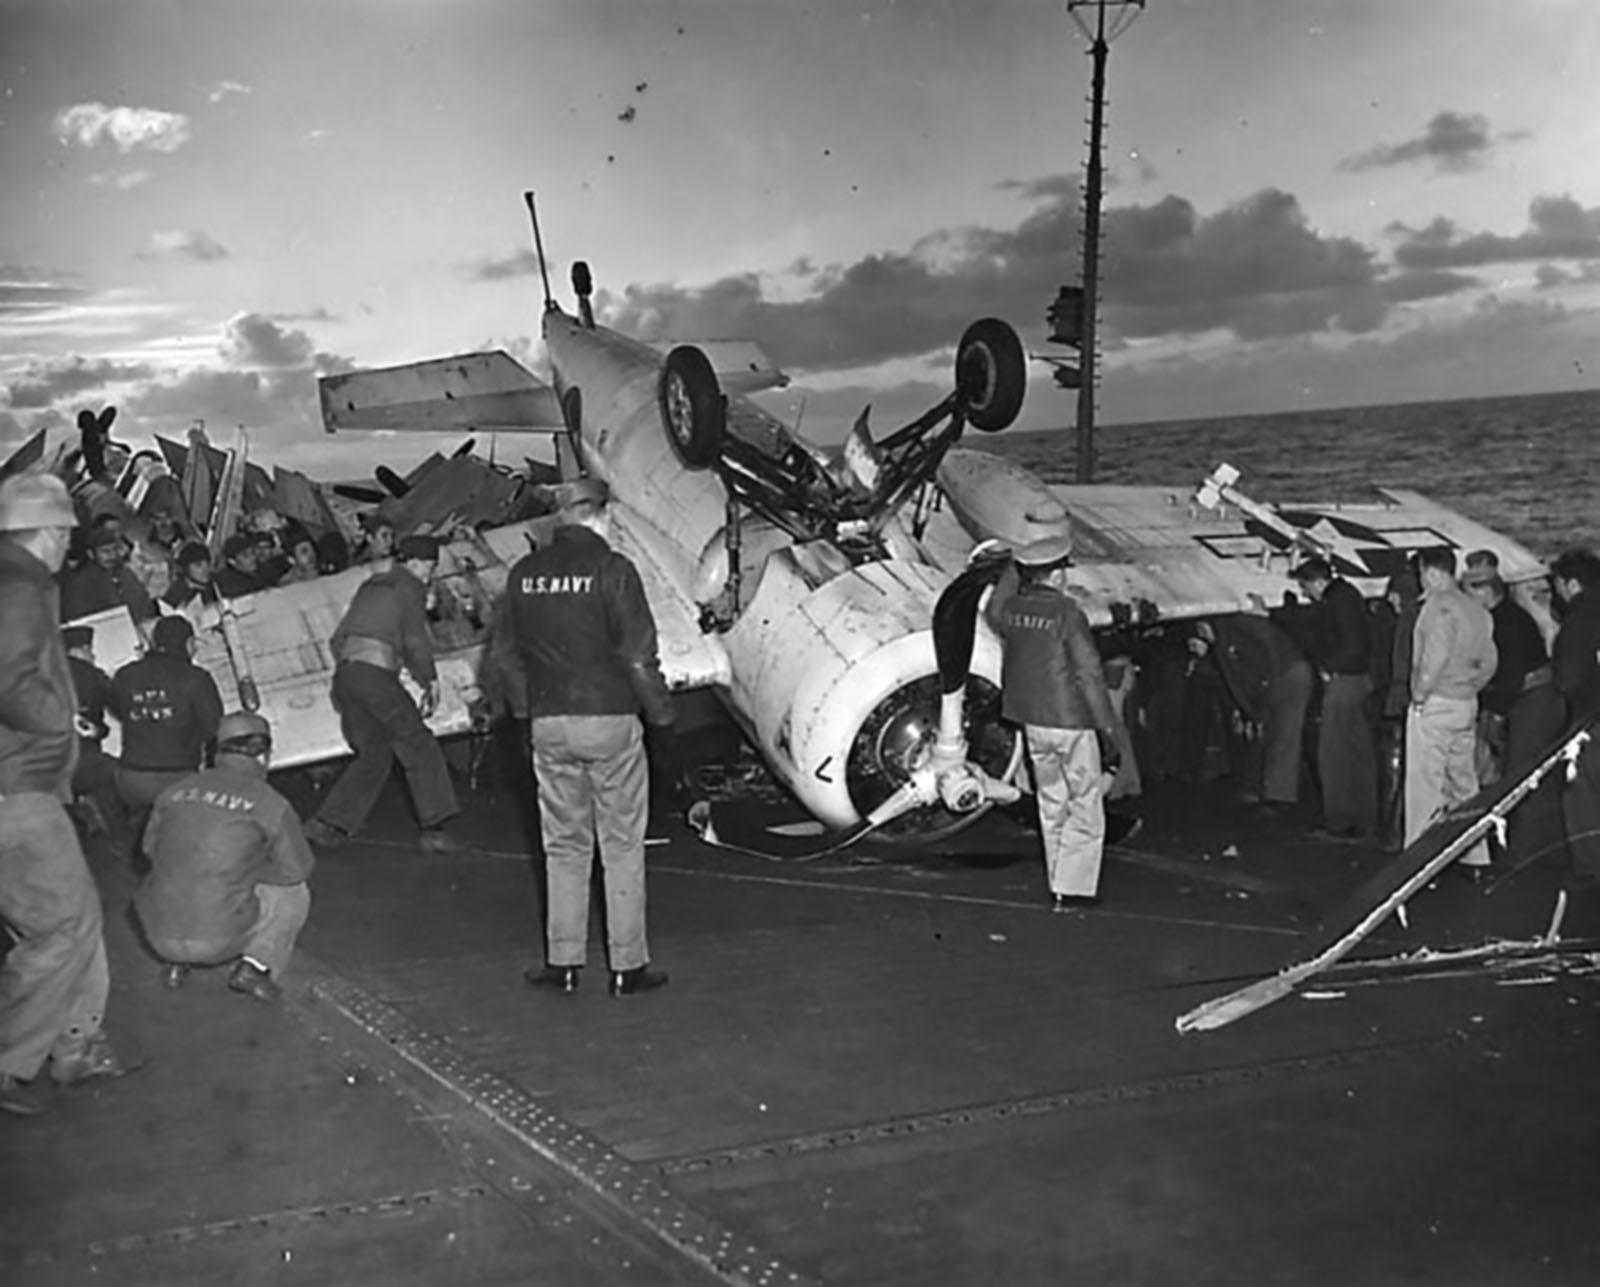 FM 2 Wildcat Black 7 landing mishap showing late war camuflage scheme 01